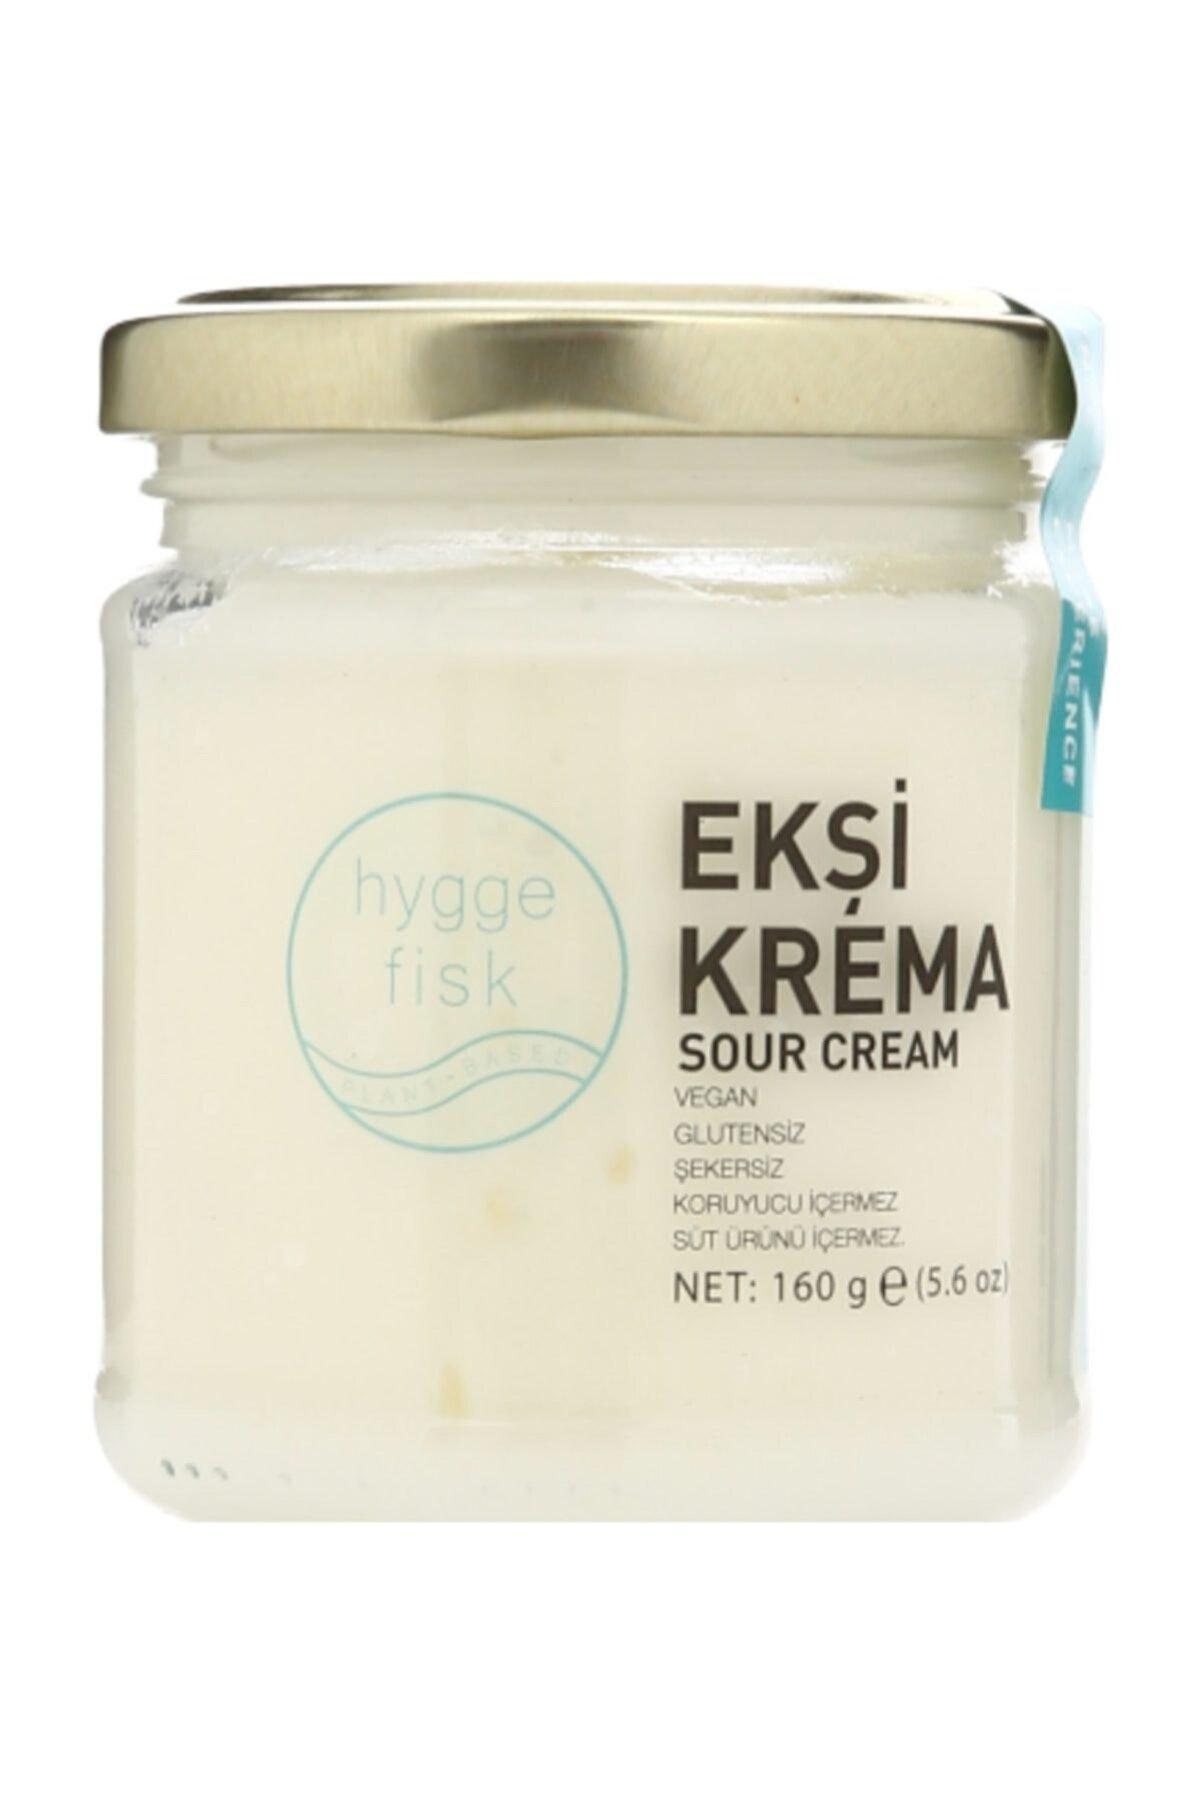 Hyggefoods Hyggefisk Ekşi Krema (sour Cream) - Vegan Ve Glutensiz - Koruyucu Içermez